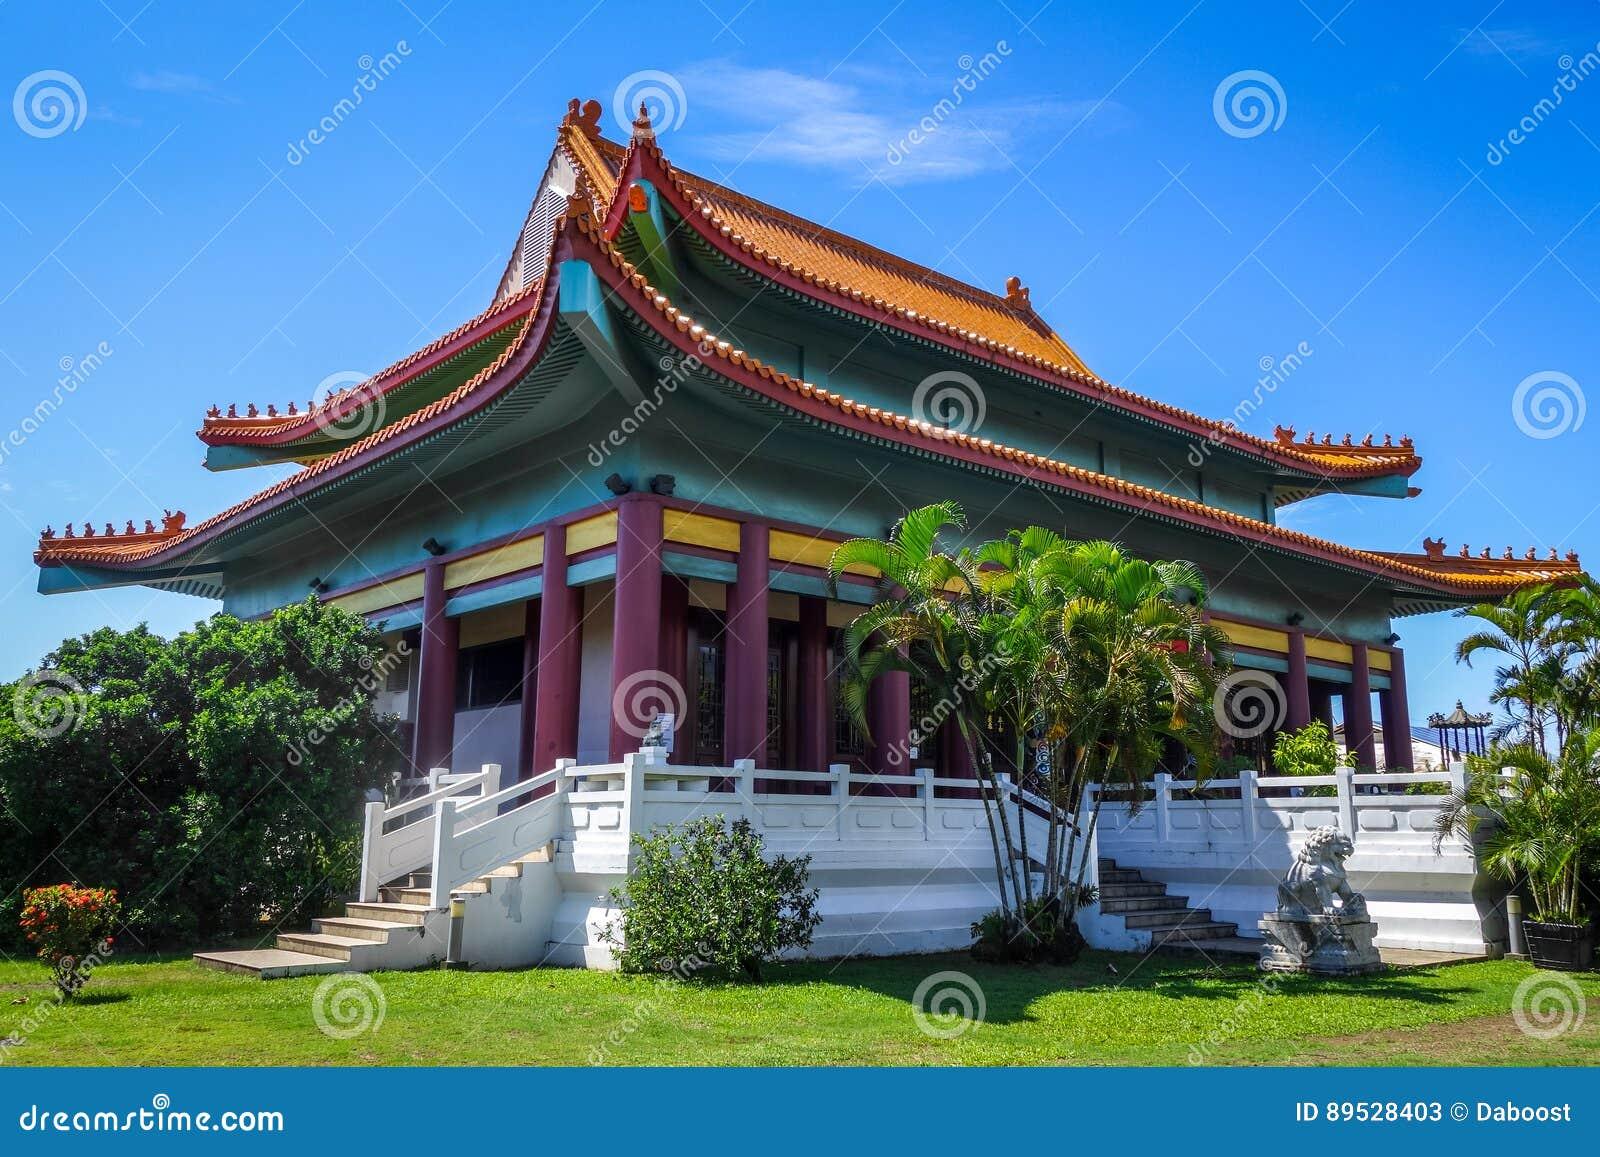 Κινεζικός ναός σε Papeete στο νησί της Ταϊτή